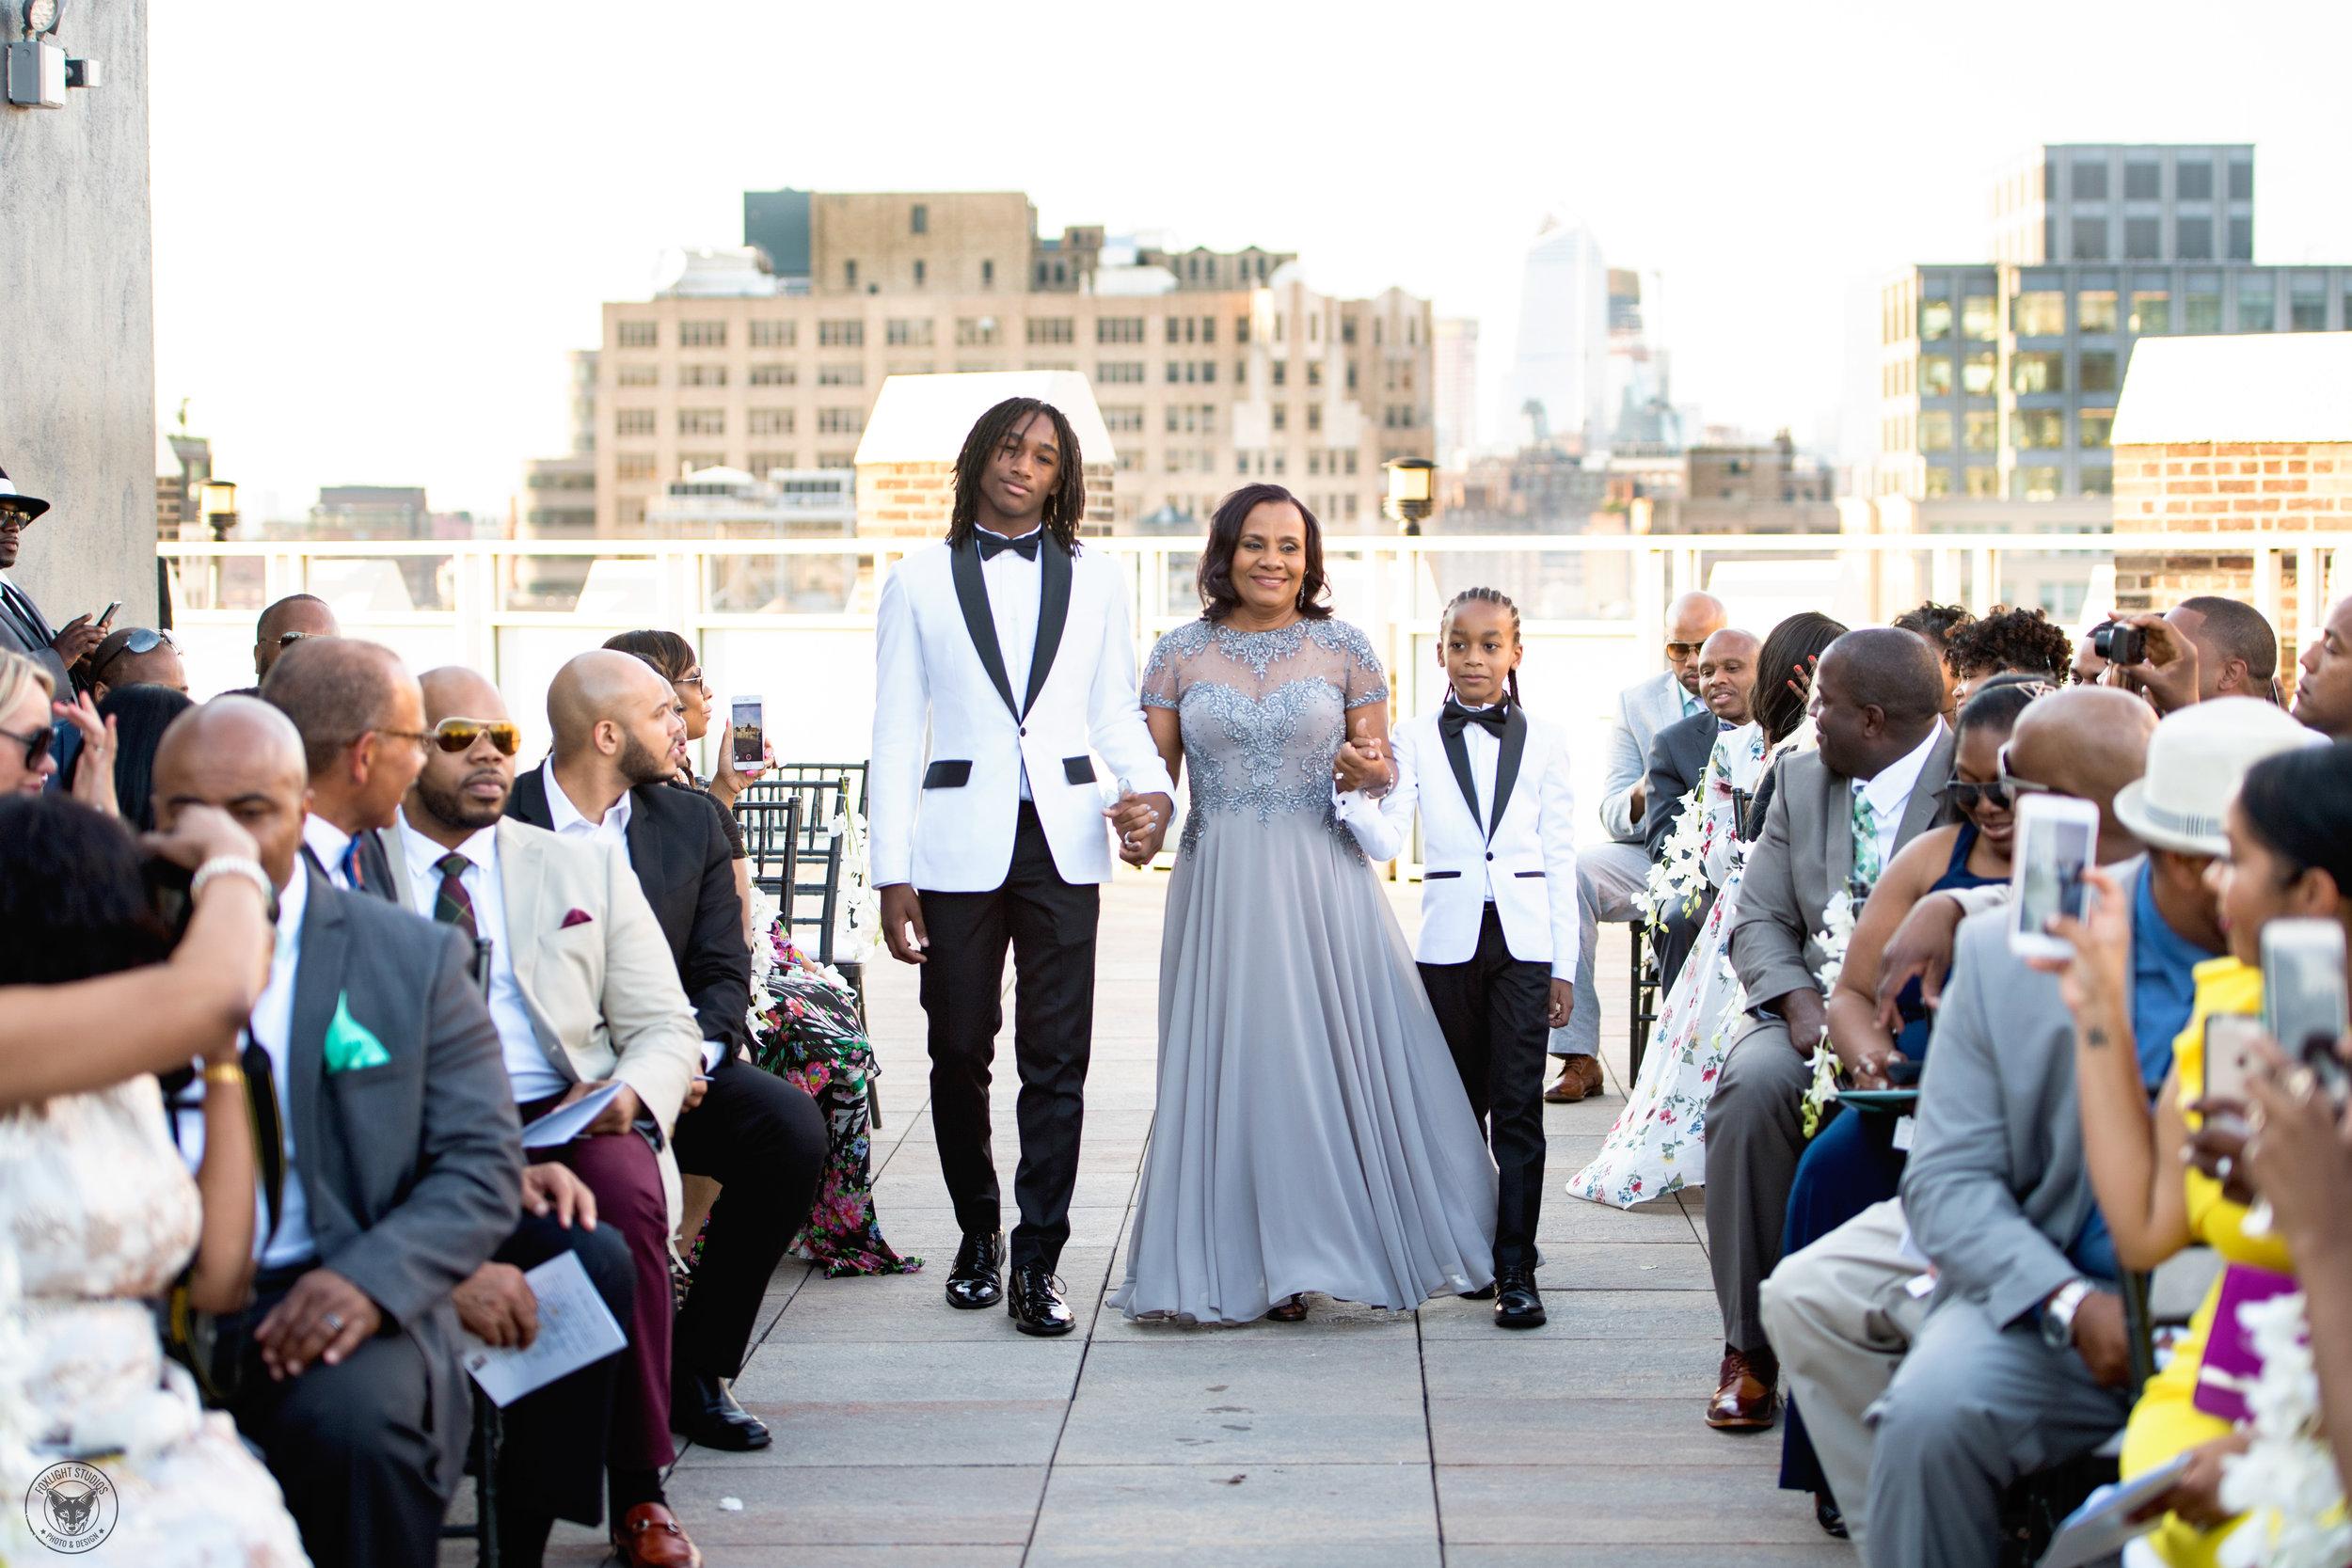 Tribeca_Rooftop_Wedding42.jpg